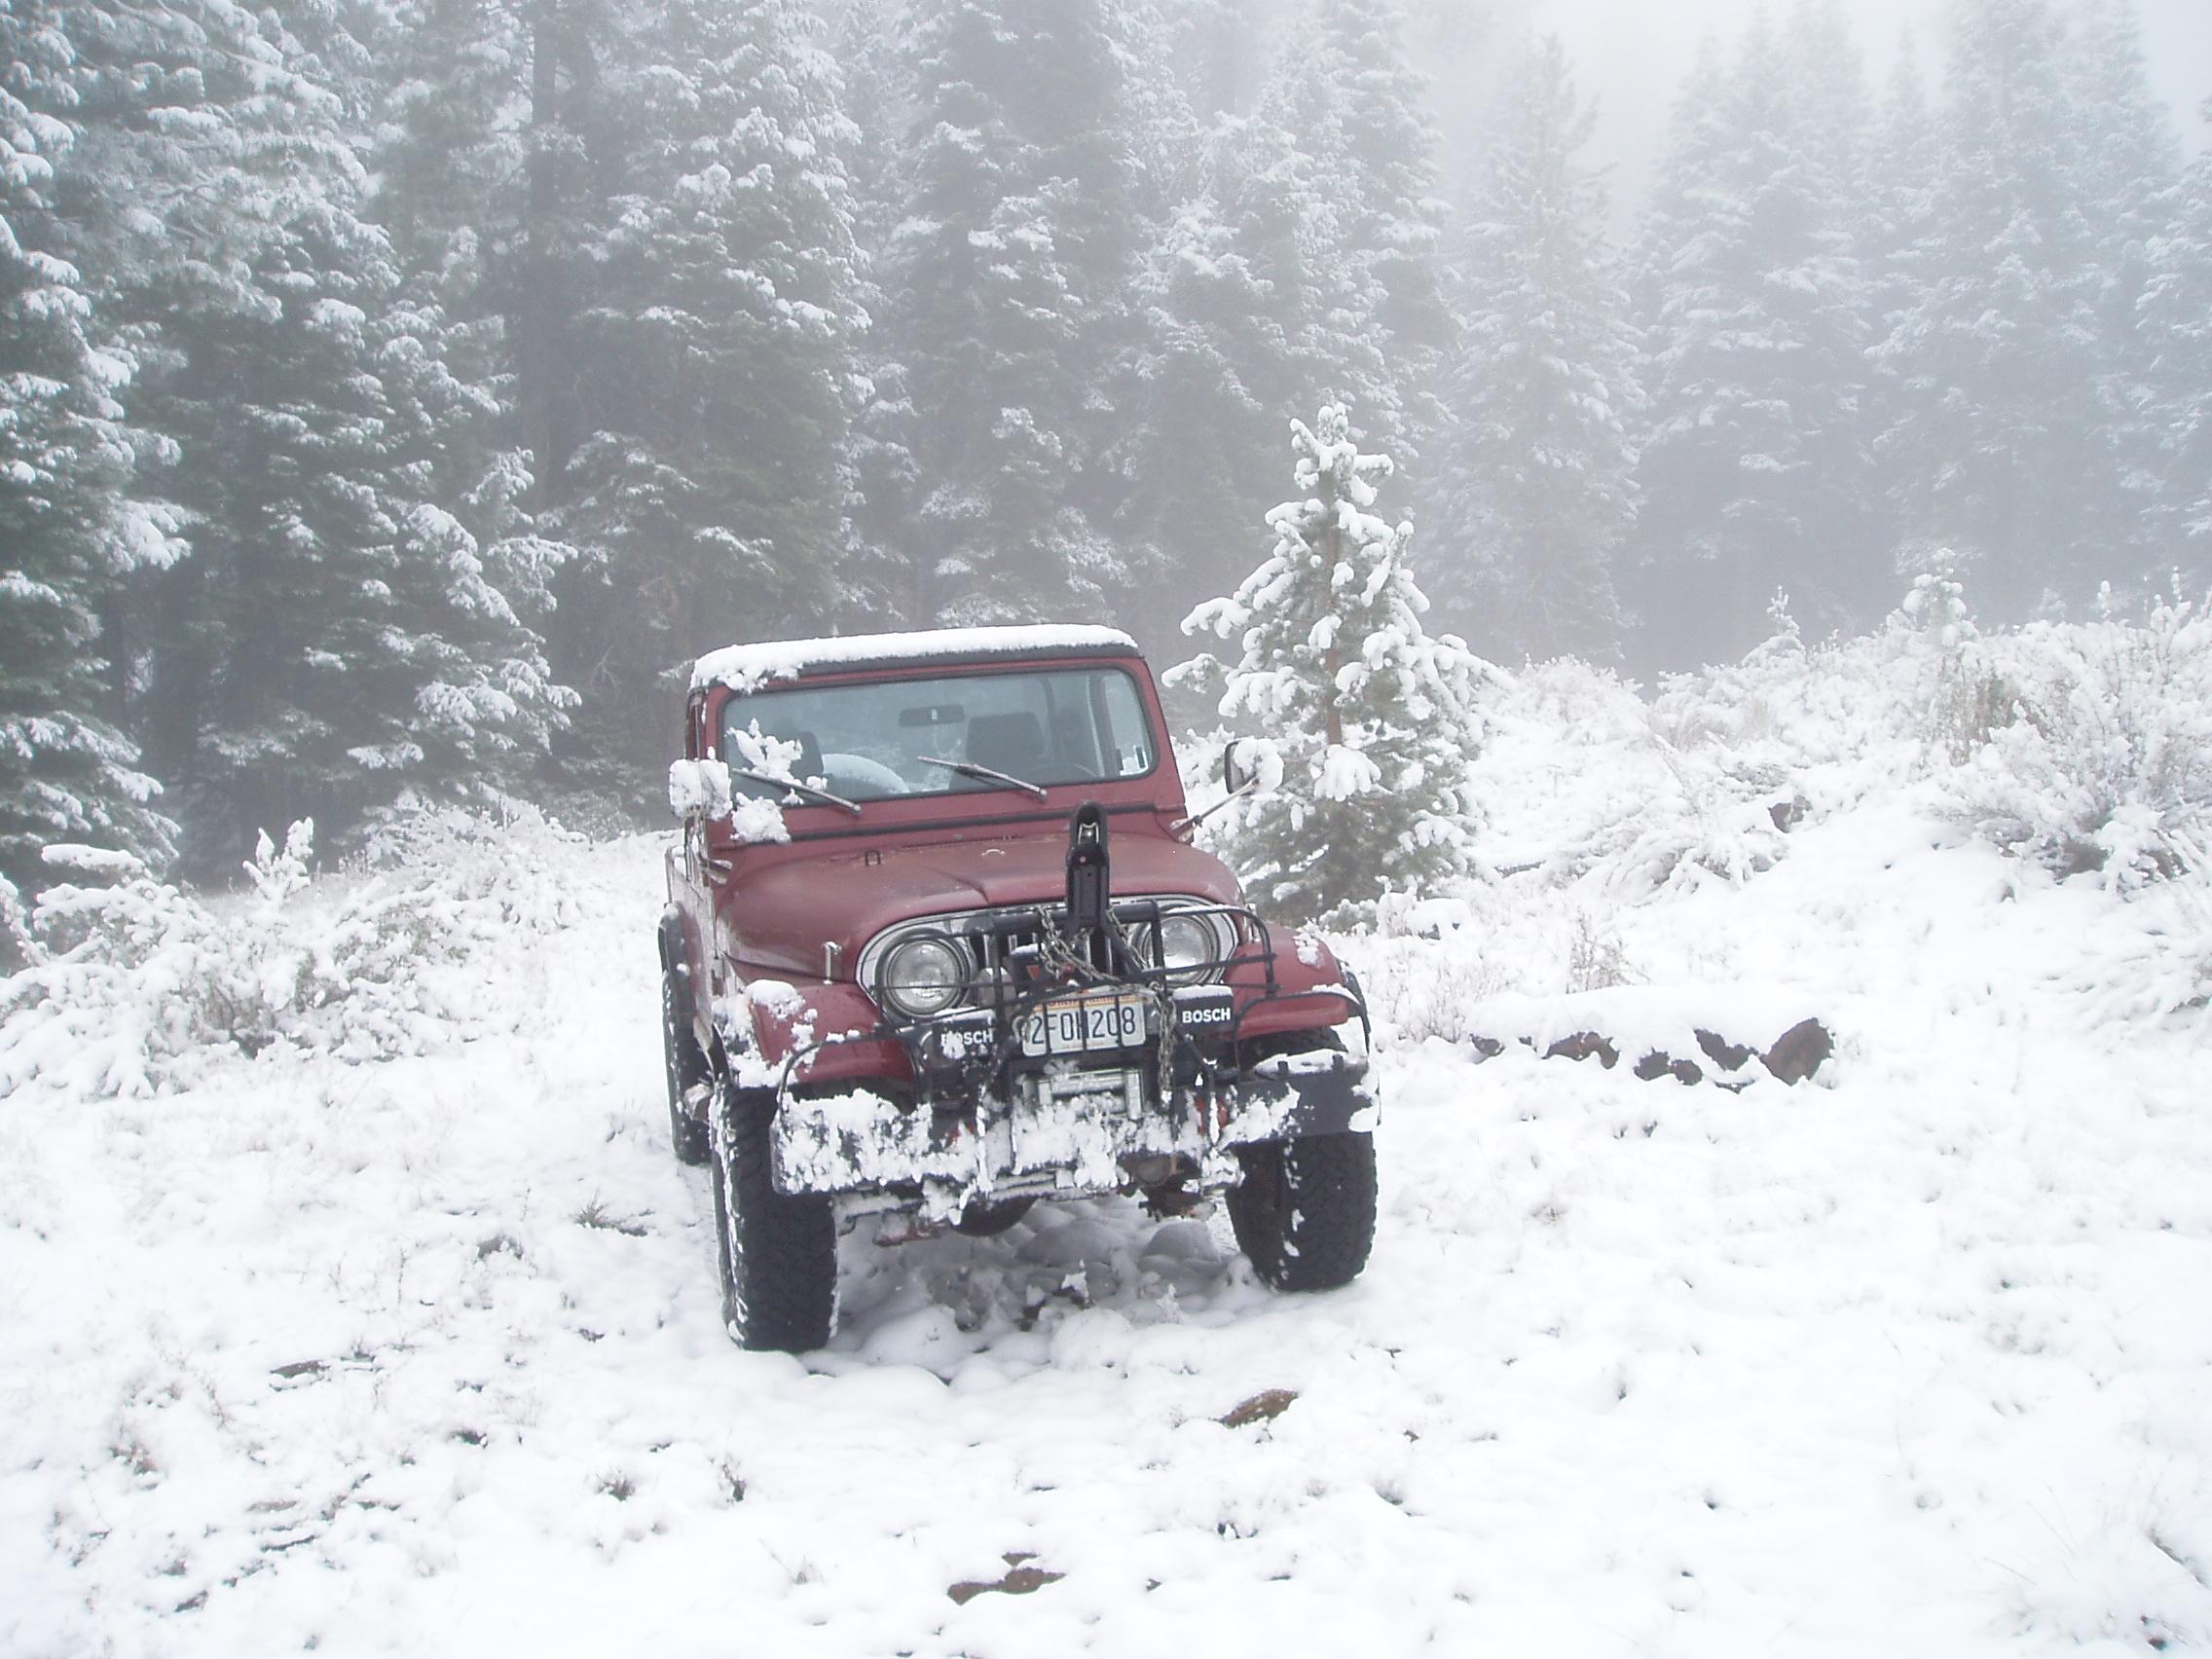 Freak mid-September snow storm in California Sierras